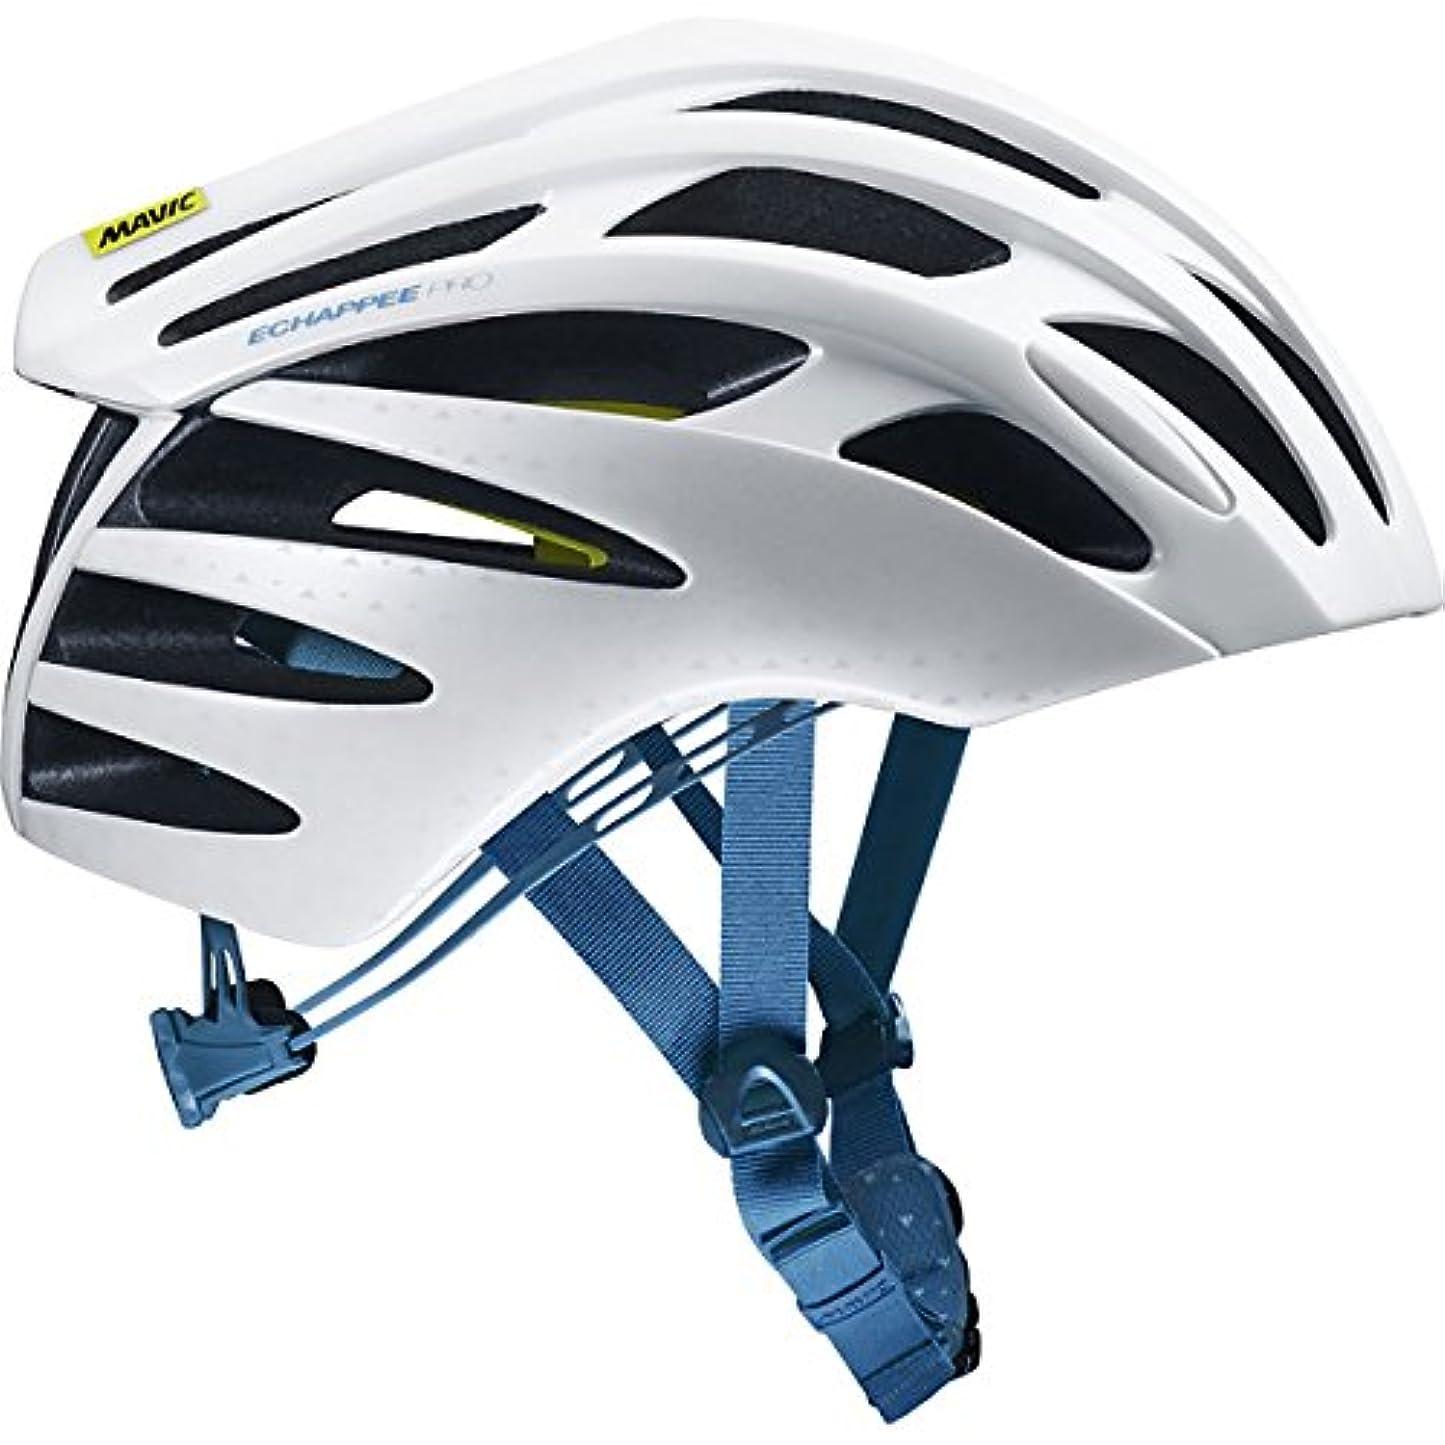 メロディアス合わせてクライストチャーチMavic Echappee Pro MIPSサイクリングヘルメット - レディースホワイト/ブルームーンスモール